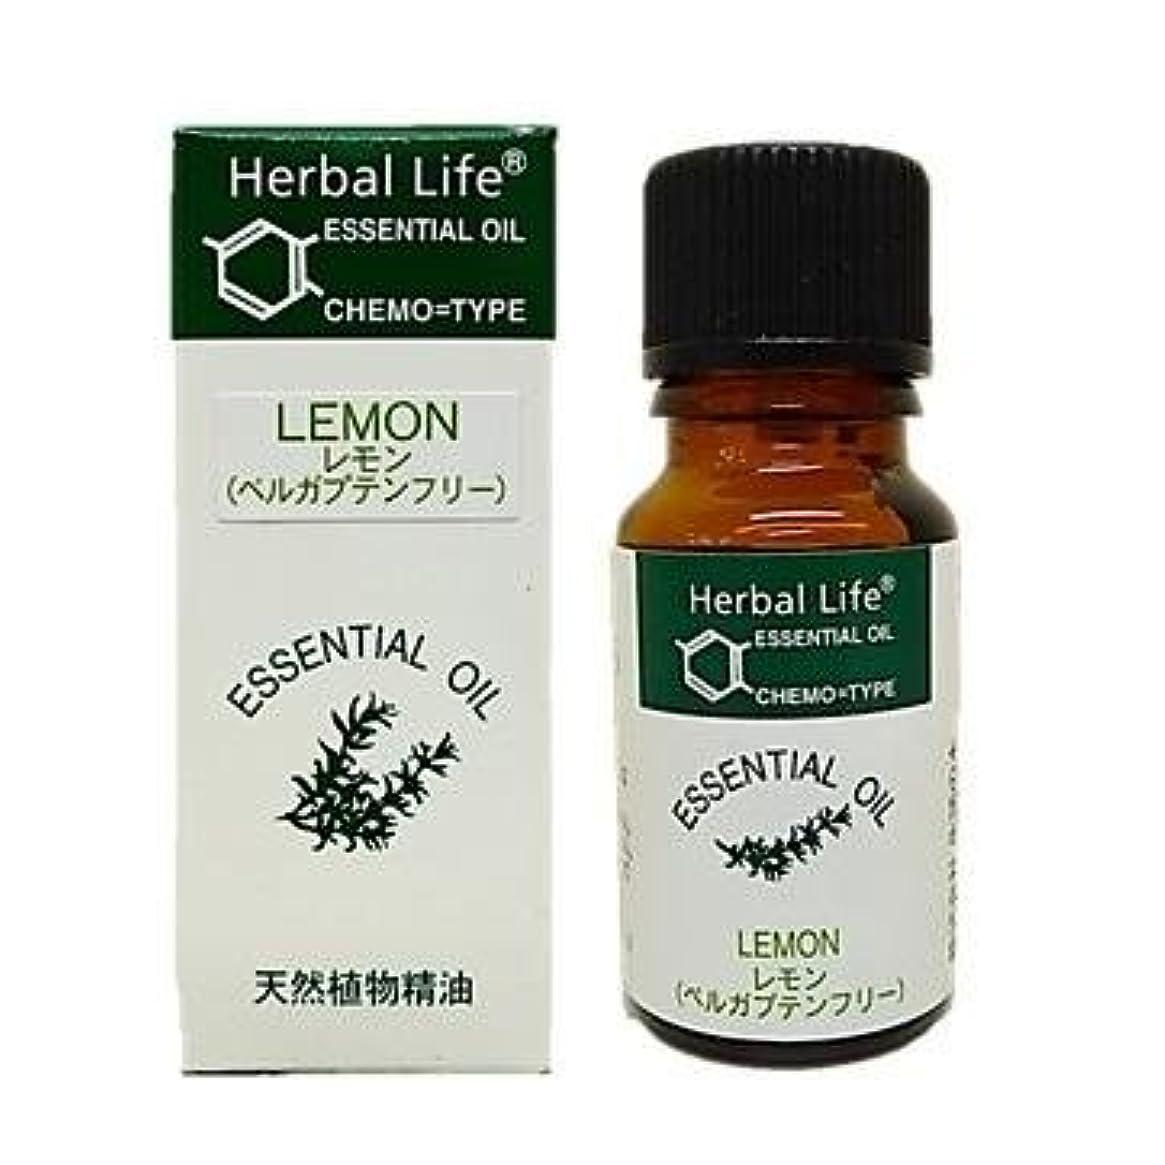 ポゴスティックジャンプどっちでもリス生活の木 レモン(フロクマリンフリー)10ml エッセンシャルオイル/精油